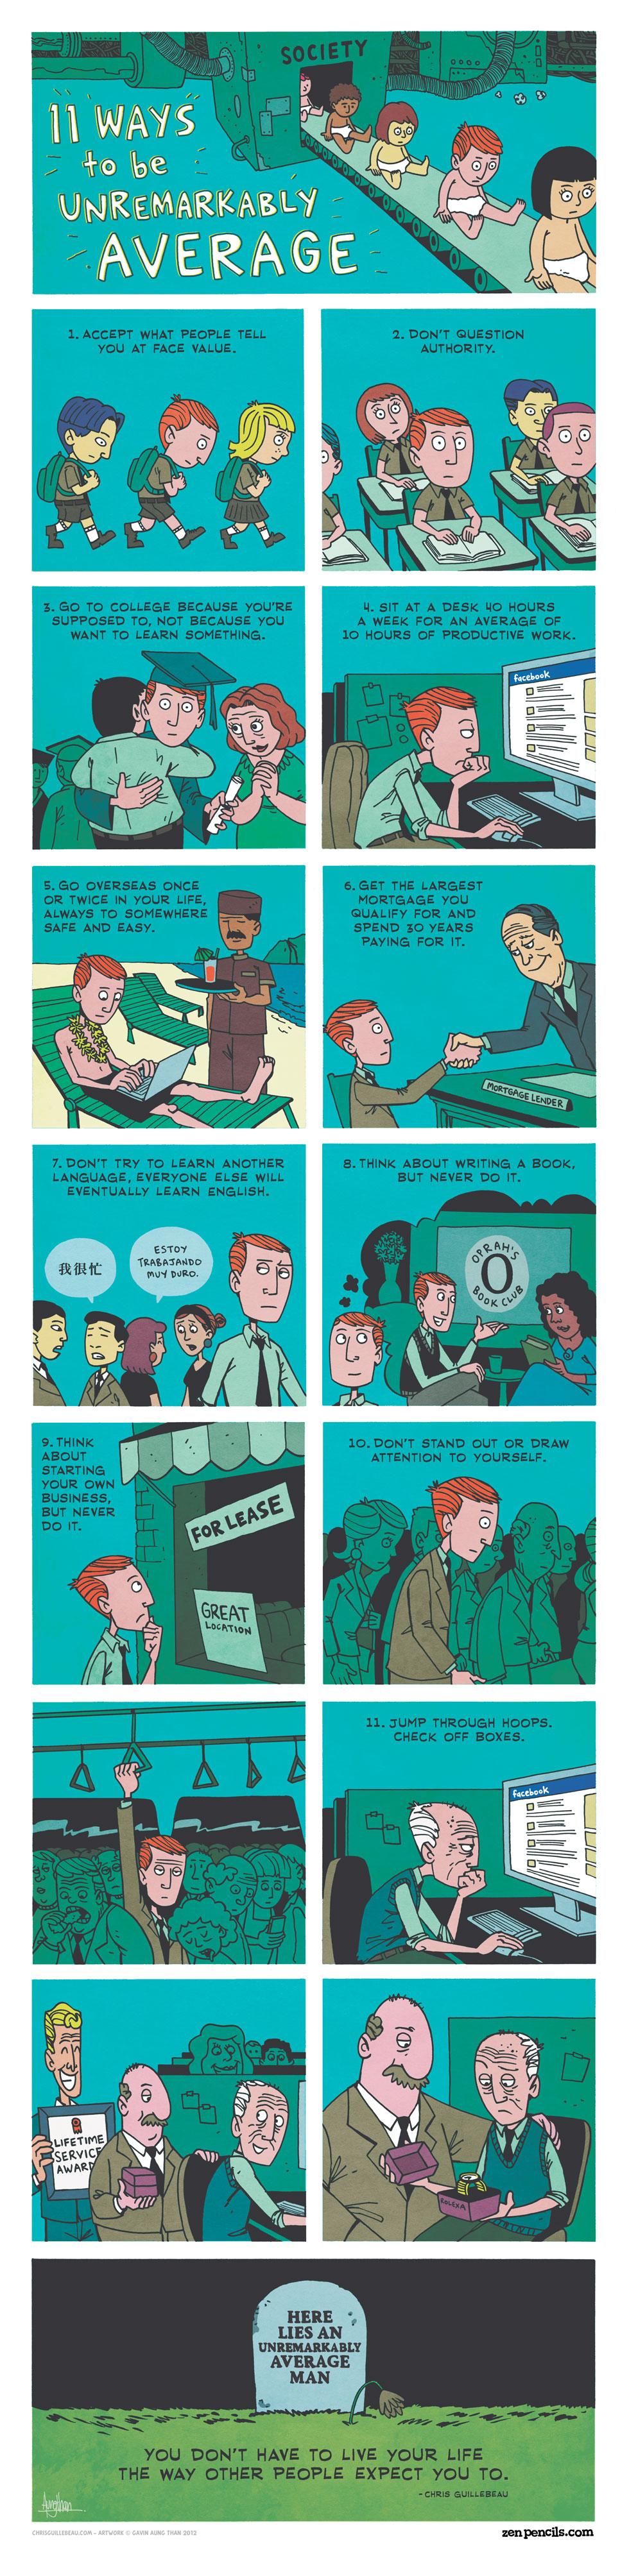 Credit: http://maxcdn.zenpencils.com/comics/2012-11-13-chrisg.jpg